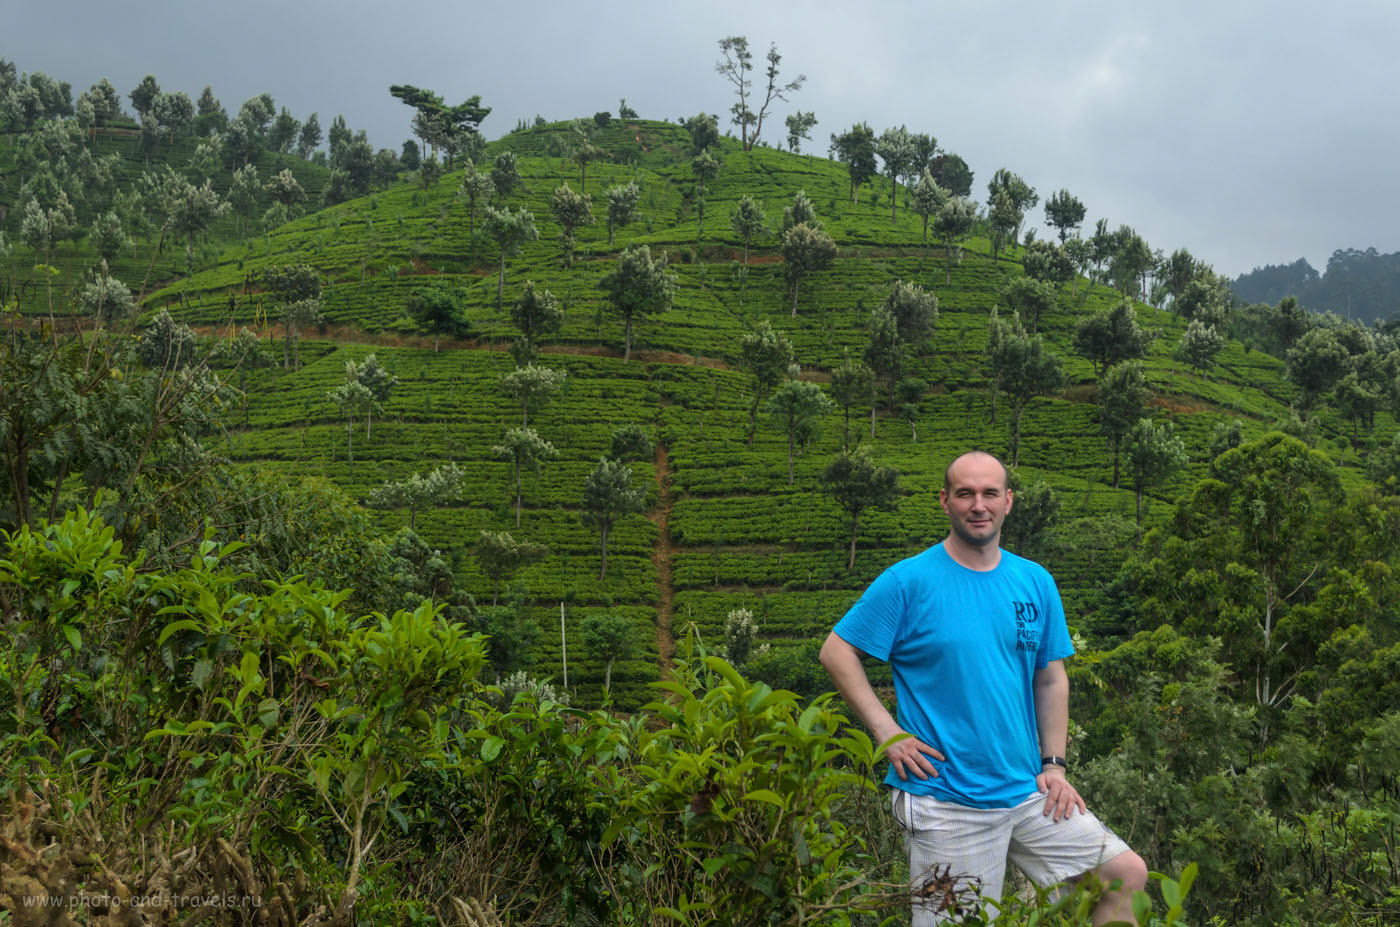 Фотография 11. Чайные плантации в горах Шри-Ланки на территории заповедника Хортон Плейнс. Отзывы об экскурсии на Пик Адама дикарями.